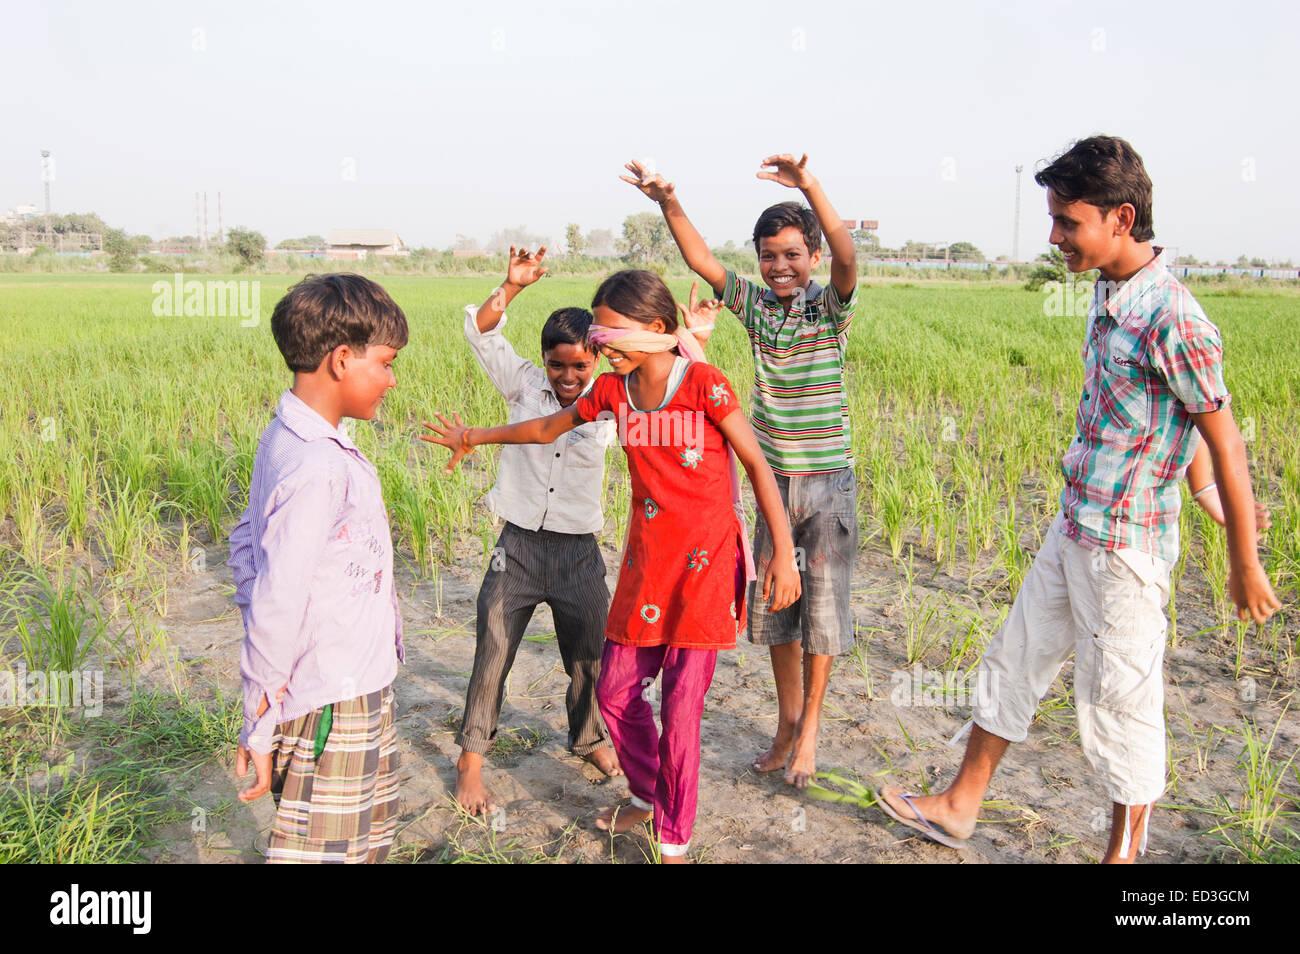 Hide Seek Kids: Indian Rural Children Farm Playing Hide And Seek Stock